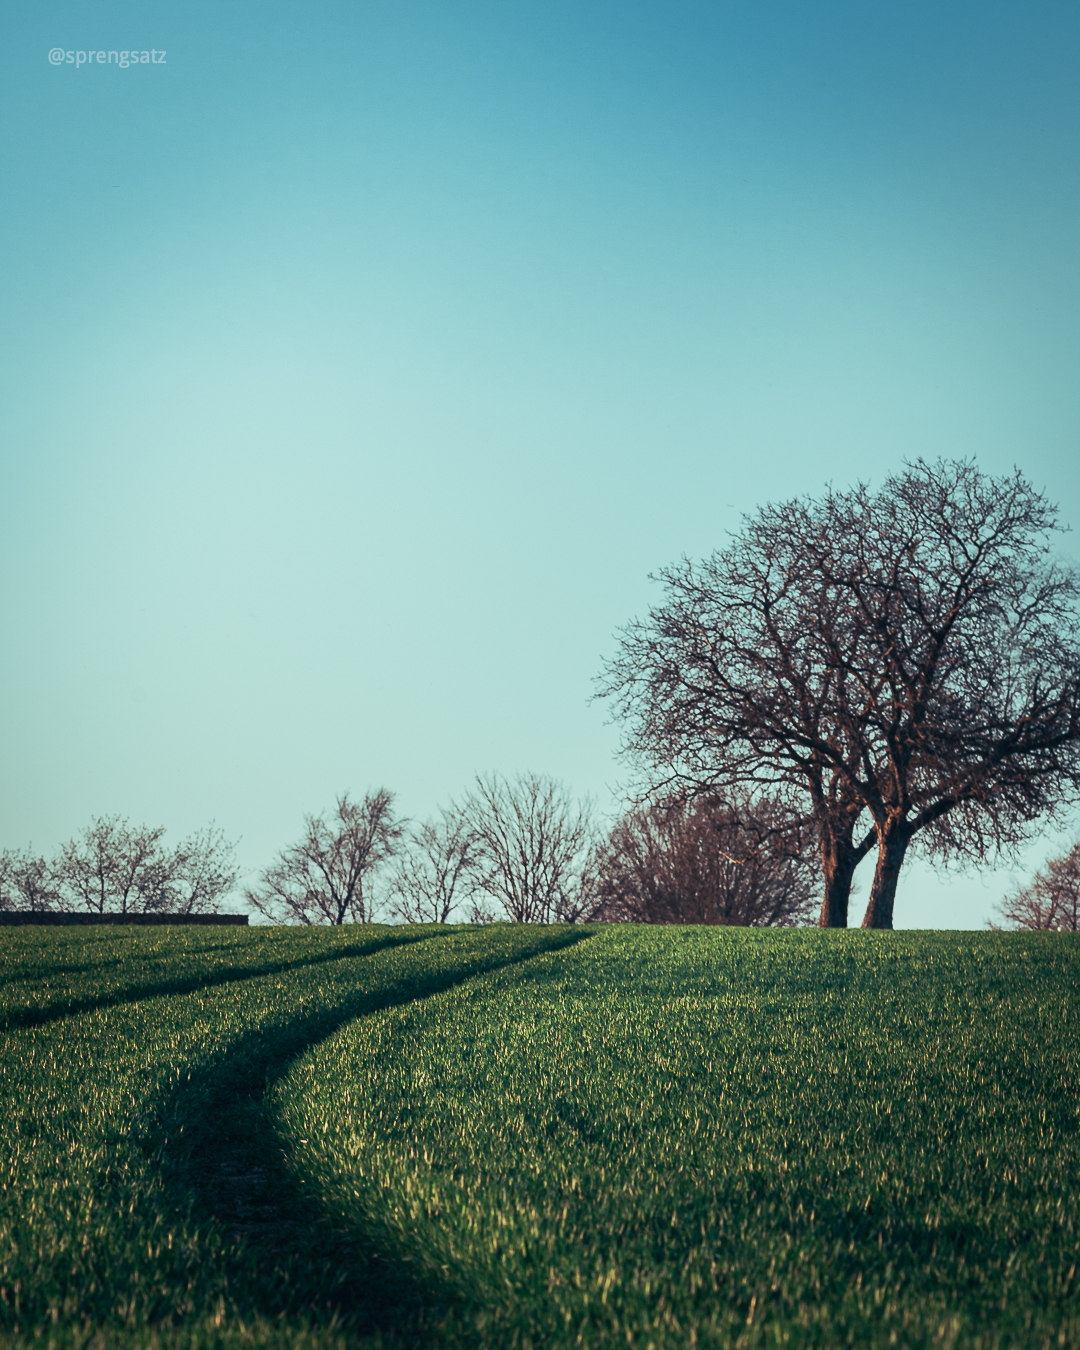 Grüne Wiese mit Baum vor blauem Himmel